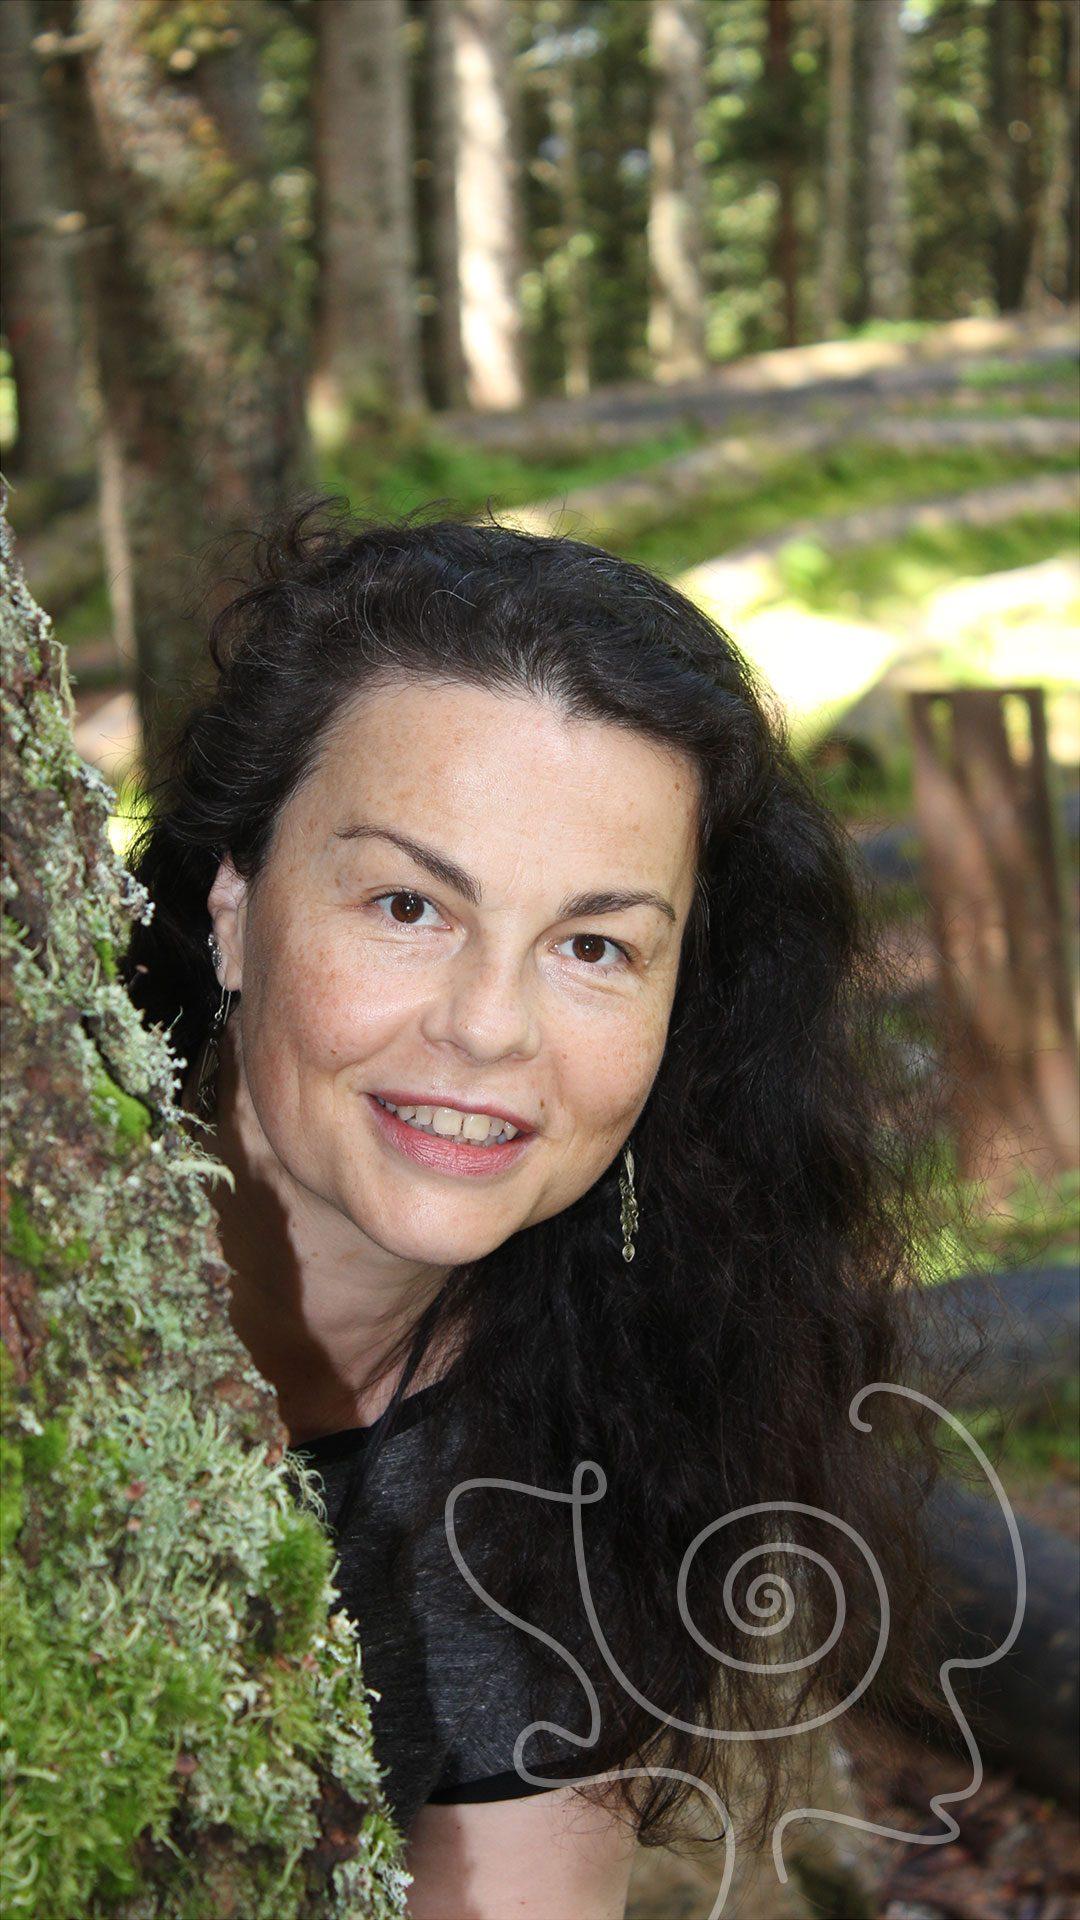 Gerda Ulrich Porträt im Wald